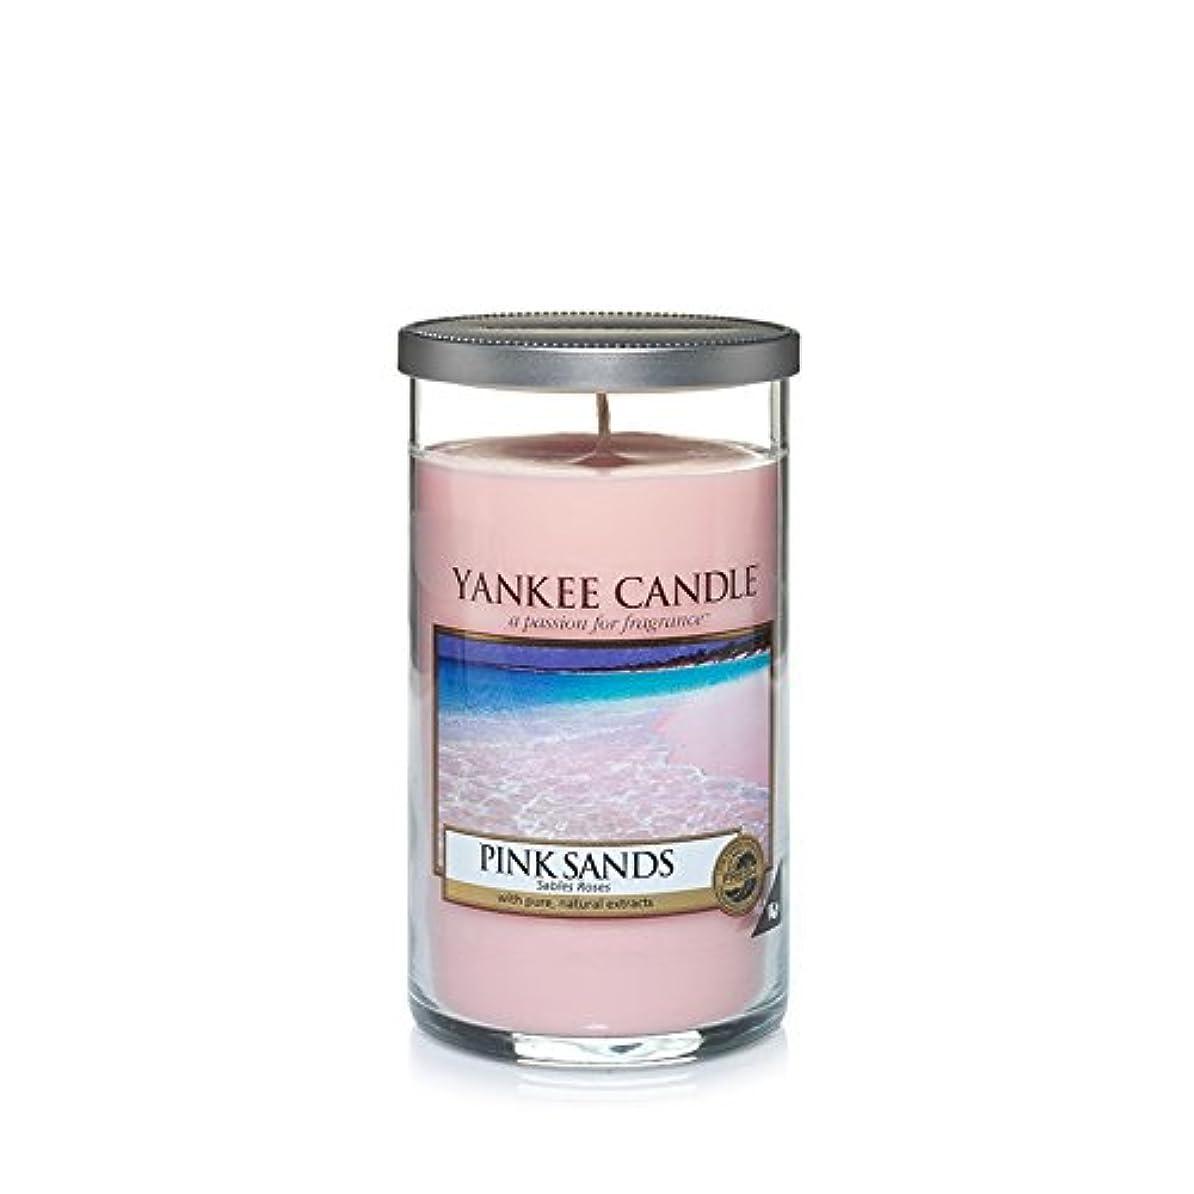 アシストスワップ傾いたYankee Candles Medium Pillar Candle - Pink Sands? (Pack of 2) - ヤンキーキャンドルメディアピラーキャンドル - ピンクの砂? (x2) [並行輸入品]